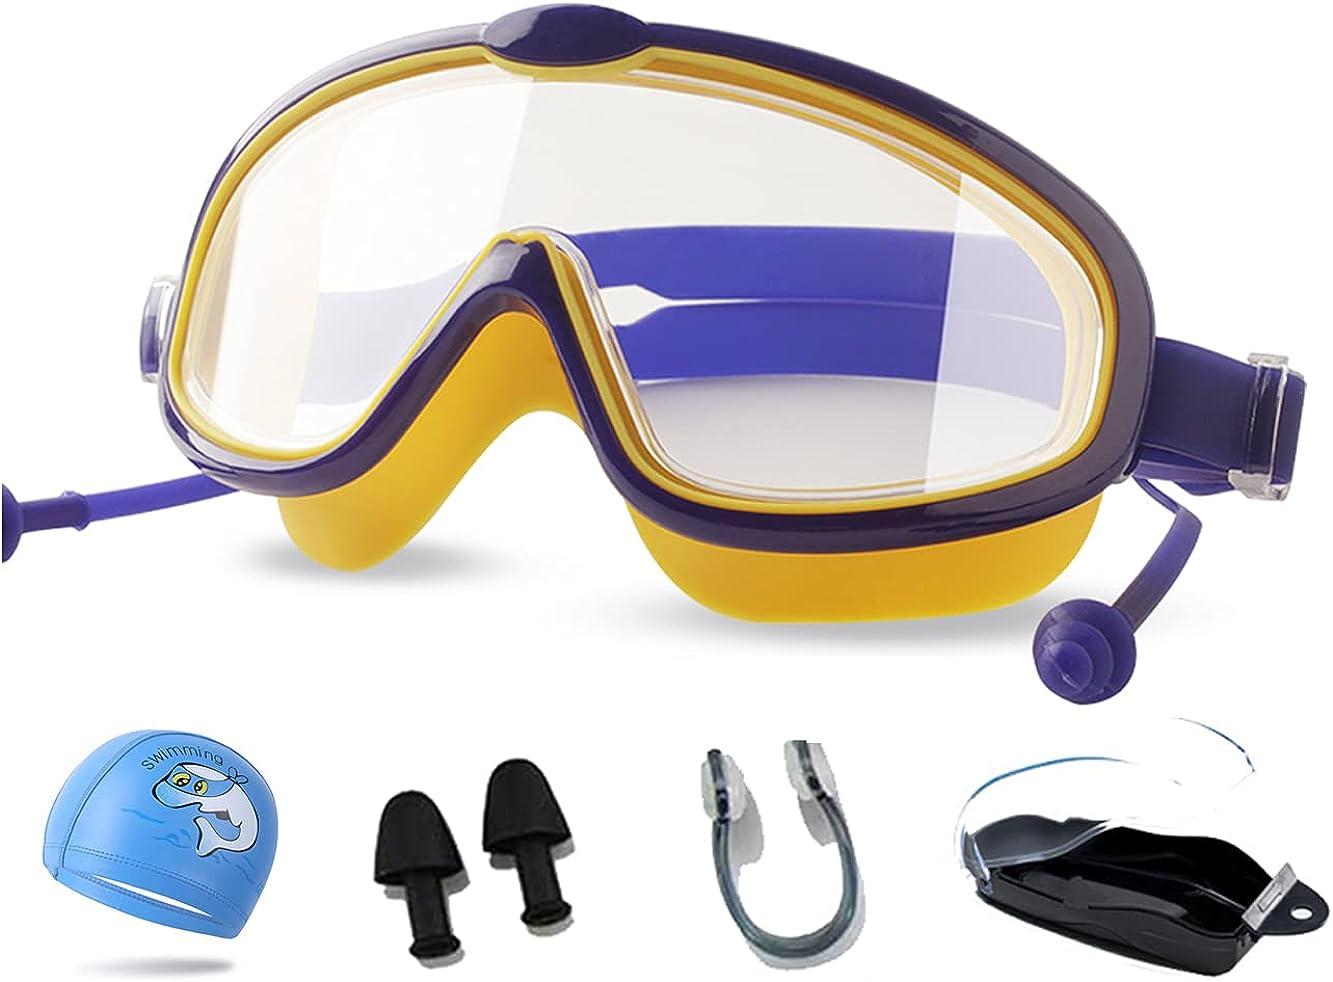 Ancaiqi Gafas de natación Anti-vaho protección UV Sin Fugas visión Clara Marco grande Gafas para Nadar para Hombres Mujeres